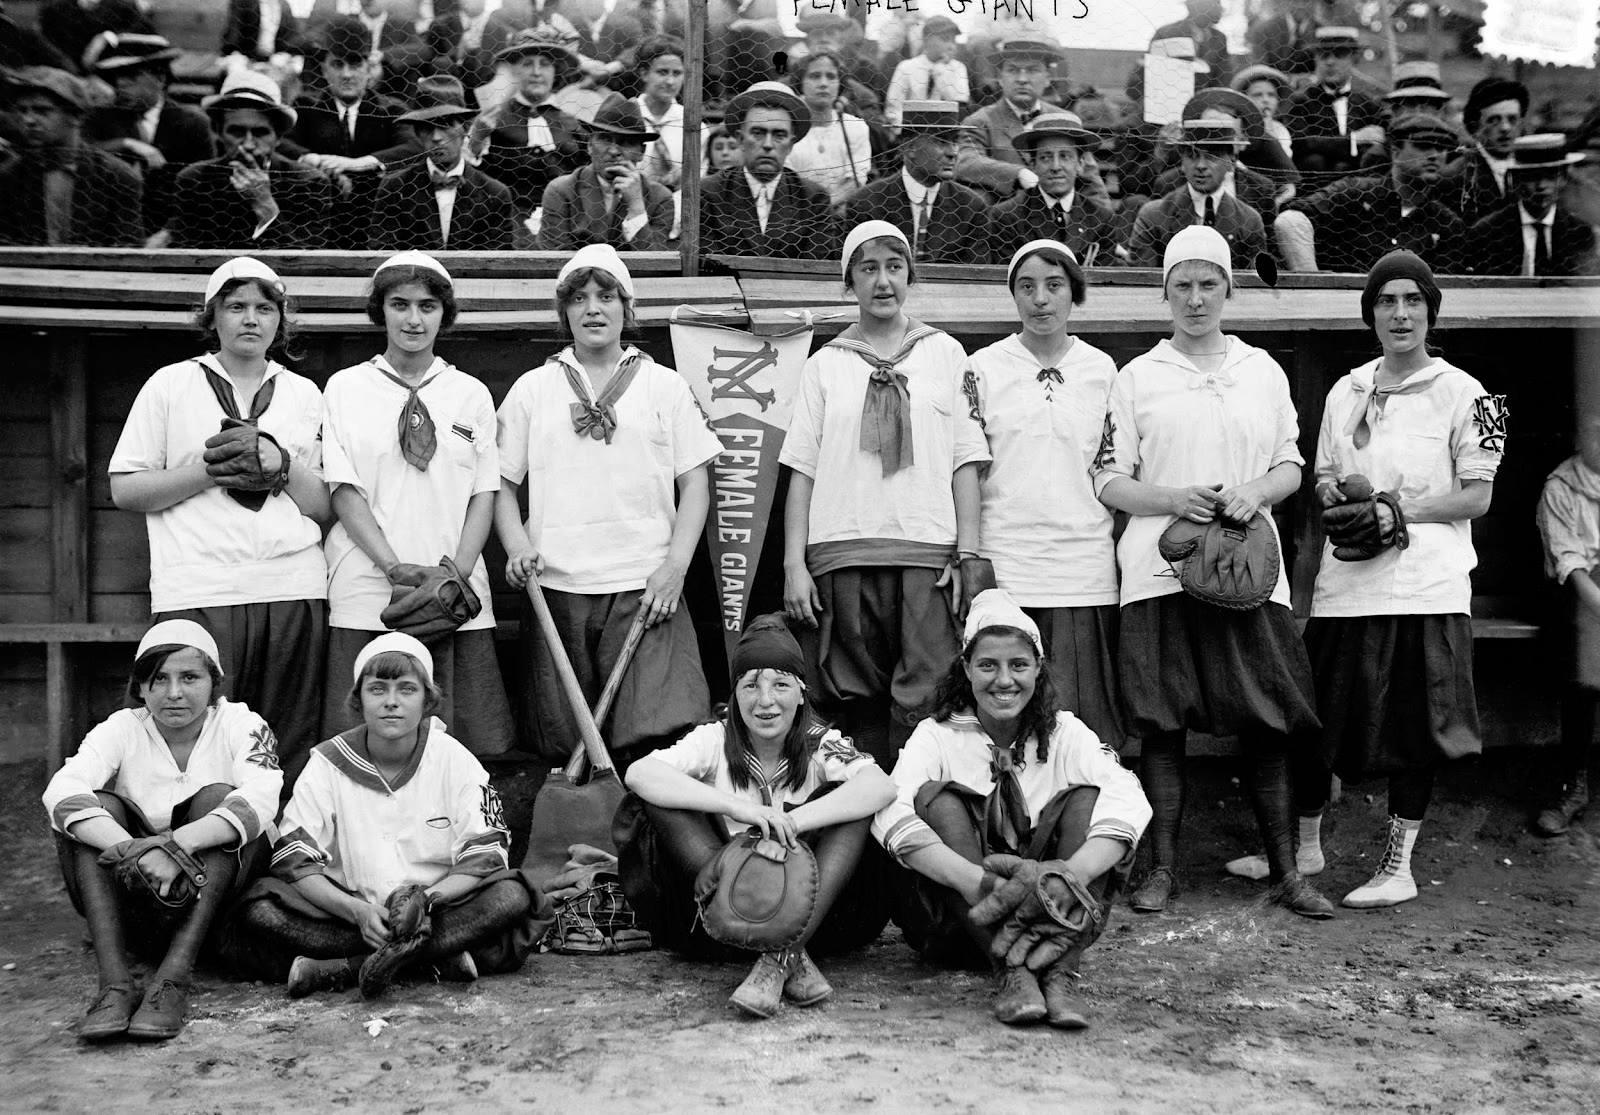 http://mlblogsourgame.files.wordpress.com/2014/03/new-york-female-giants-1913.jpg